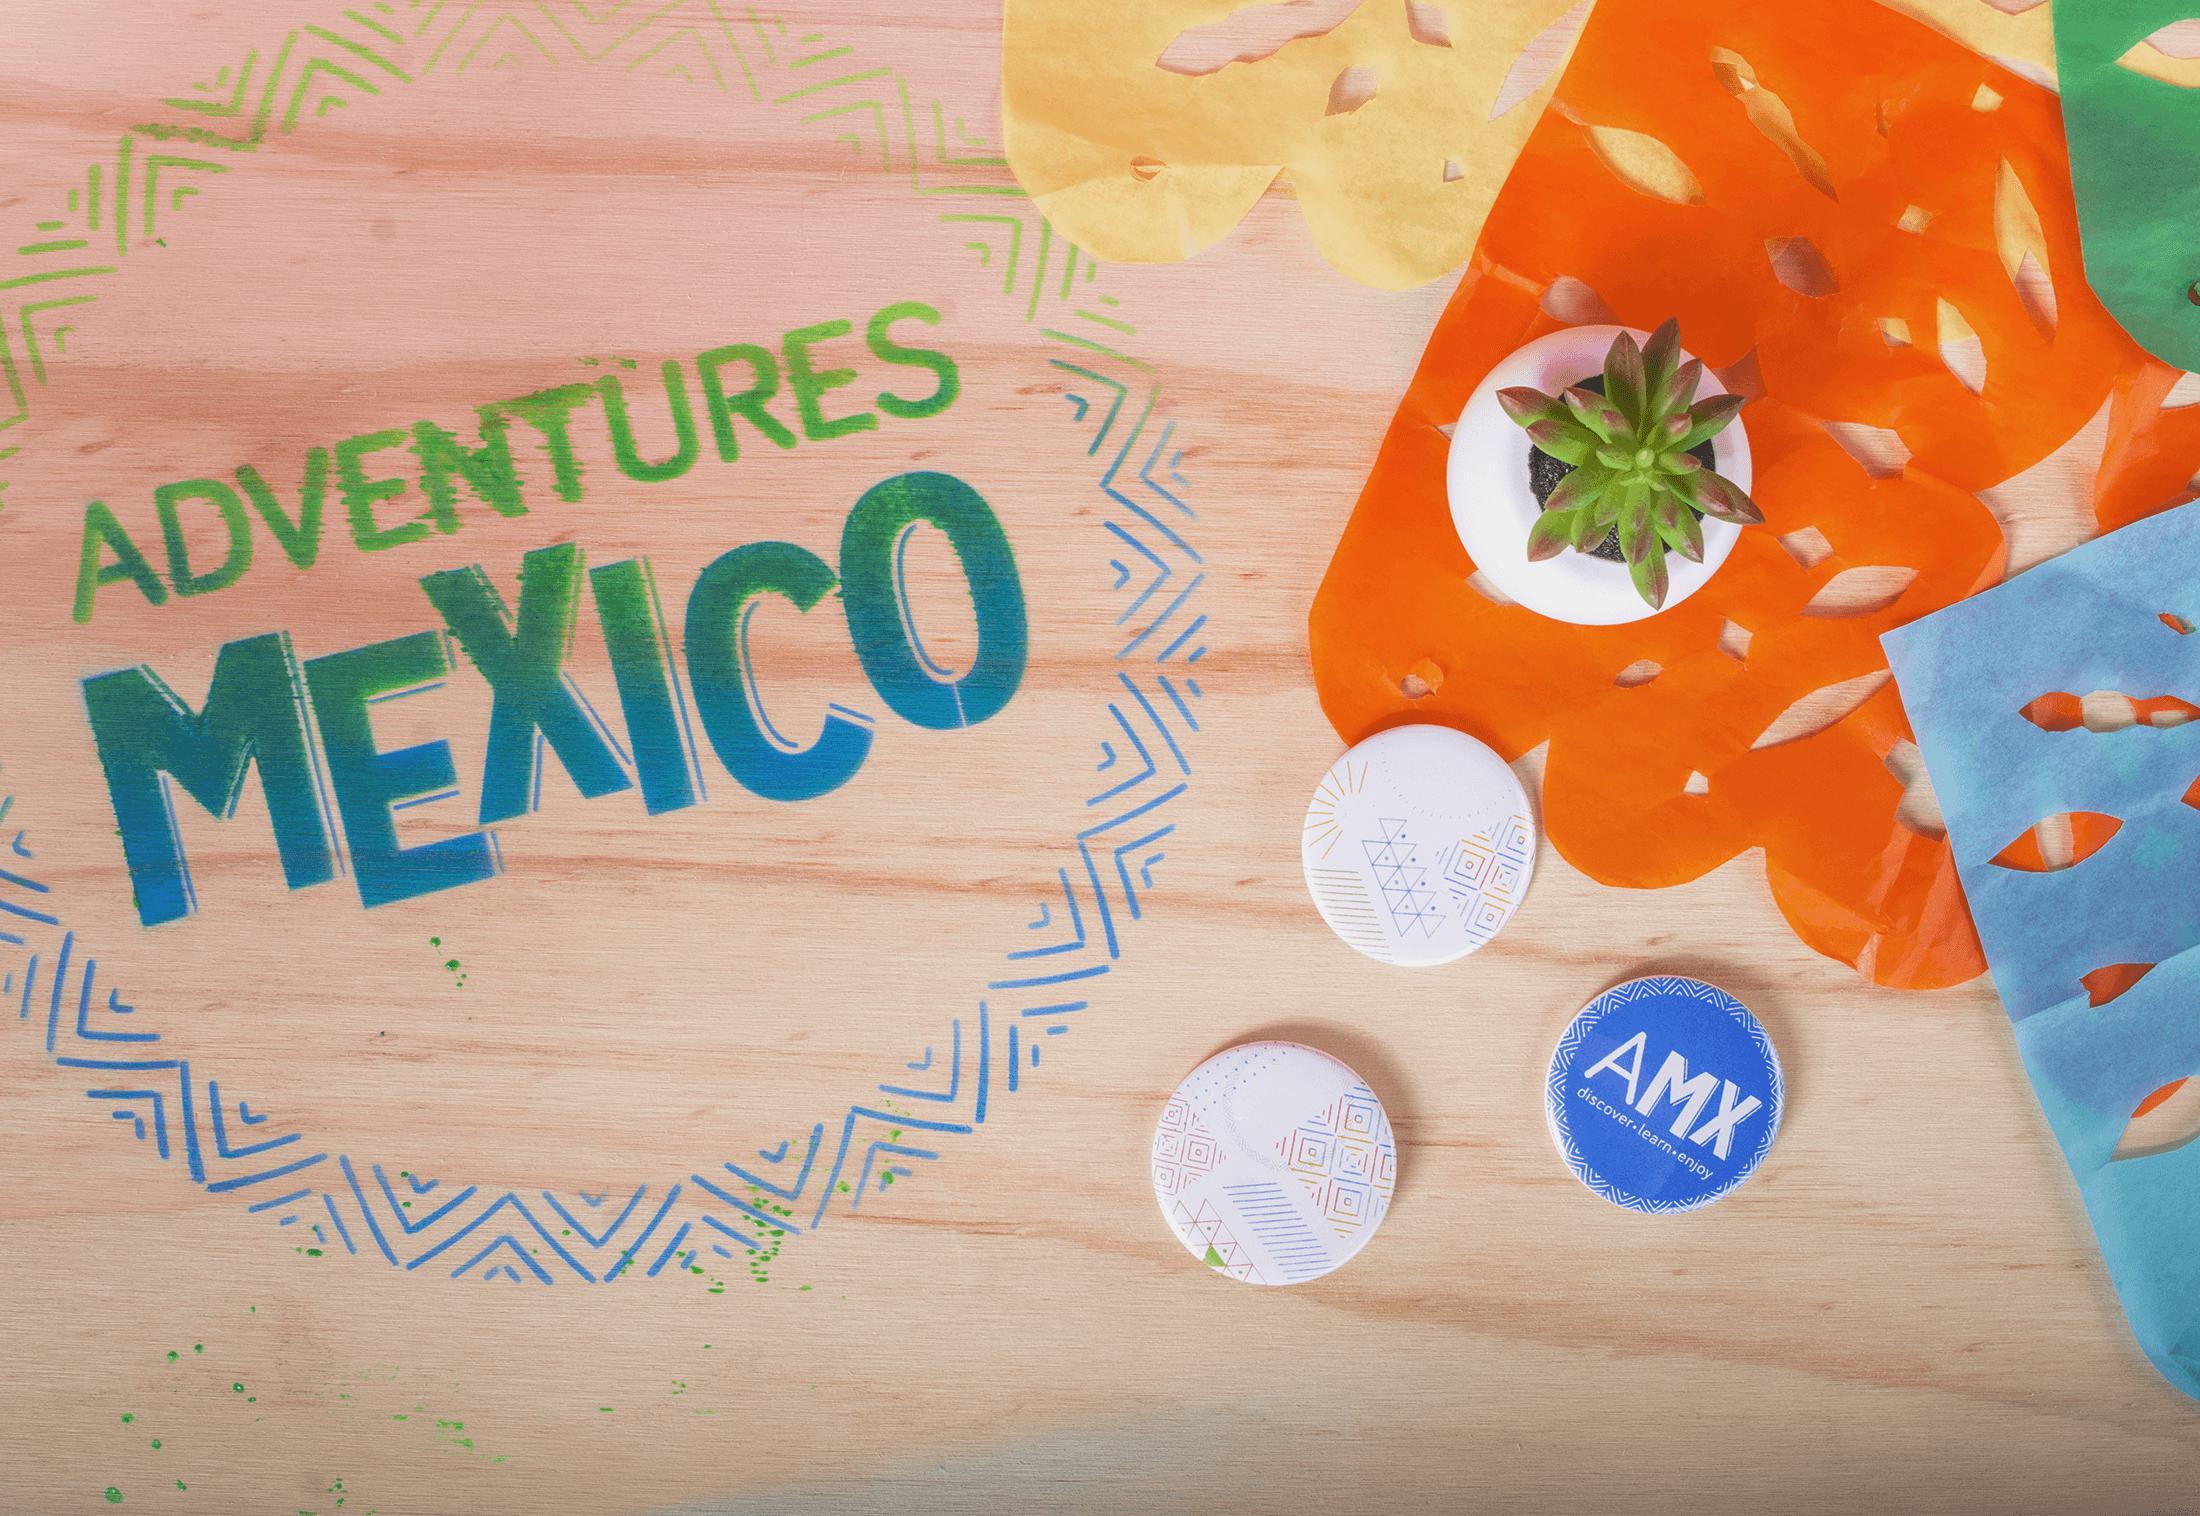 Adventures-mexico-branding